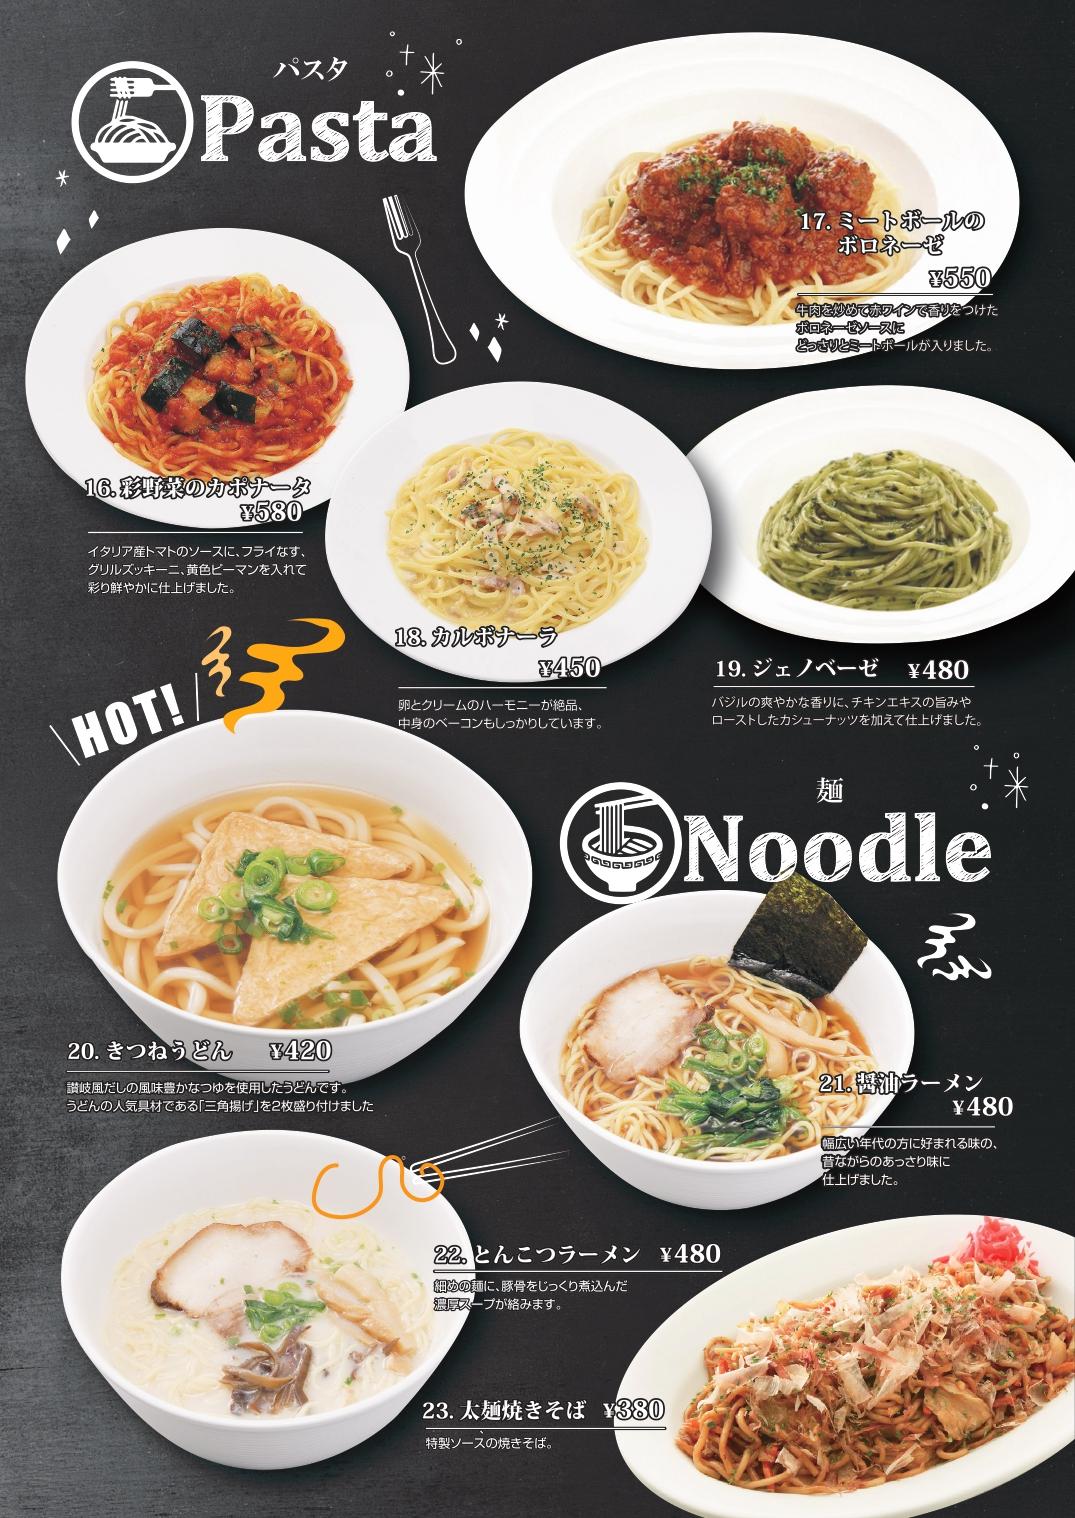 阪急茨木メニュー麺パスタ